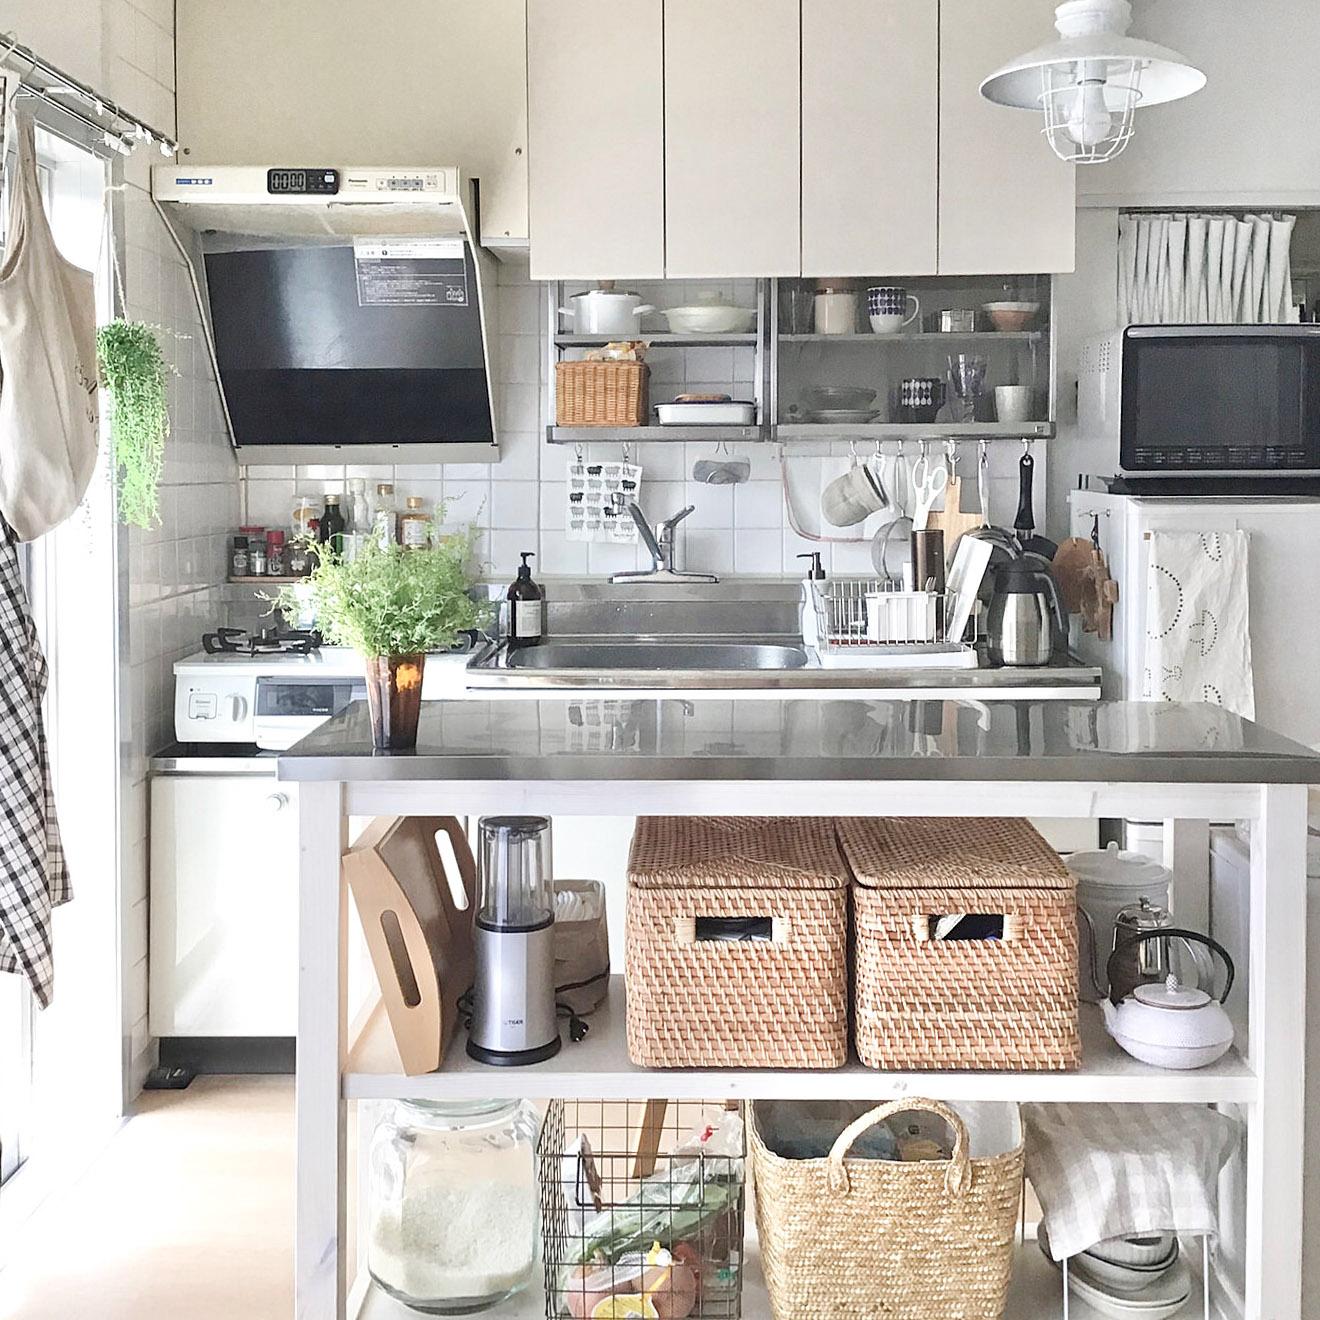 キッチンに調理のスペースがあまりないため、テーブルを配置したことで作業がしやすくなったのだそう。さらに収納スペースも増えました。キッチン側からもリビング側からも出し入れができるように工夫されているのもポイントです。